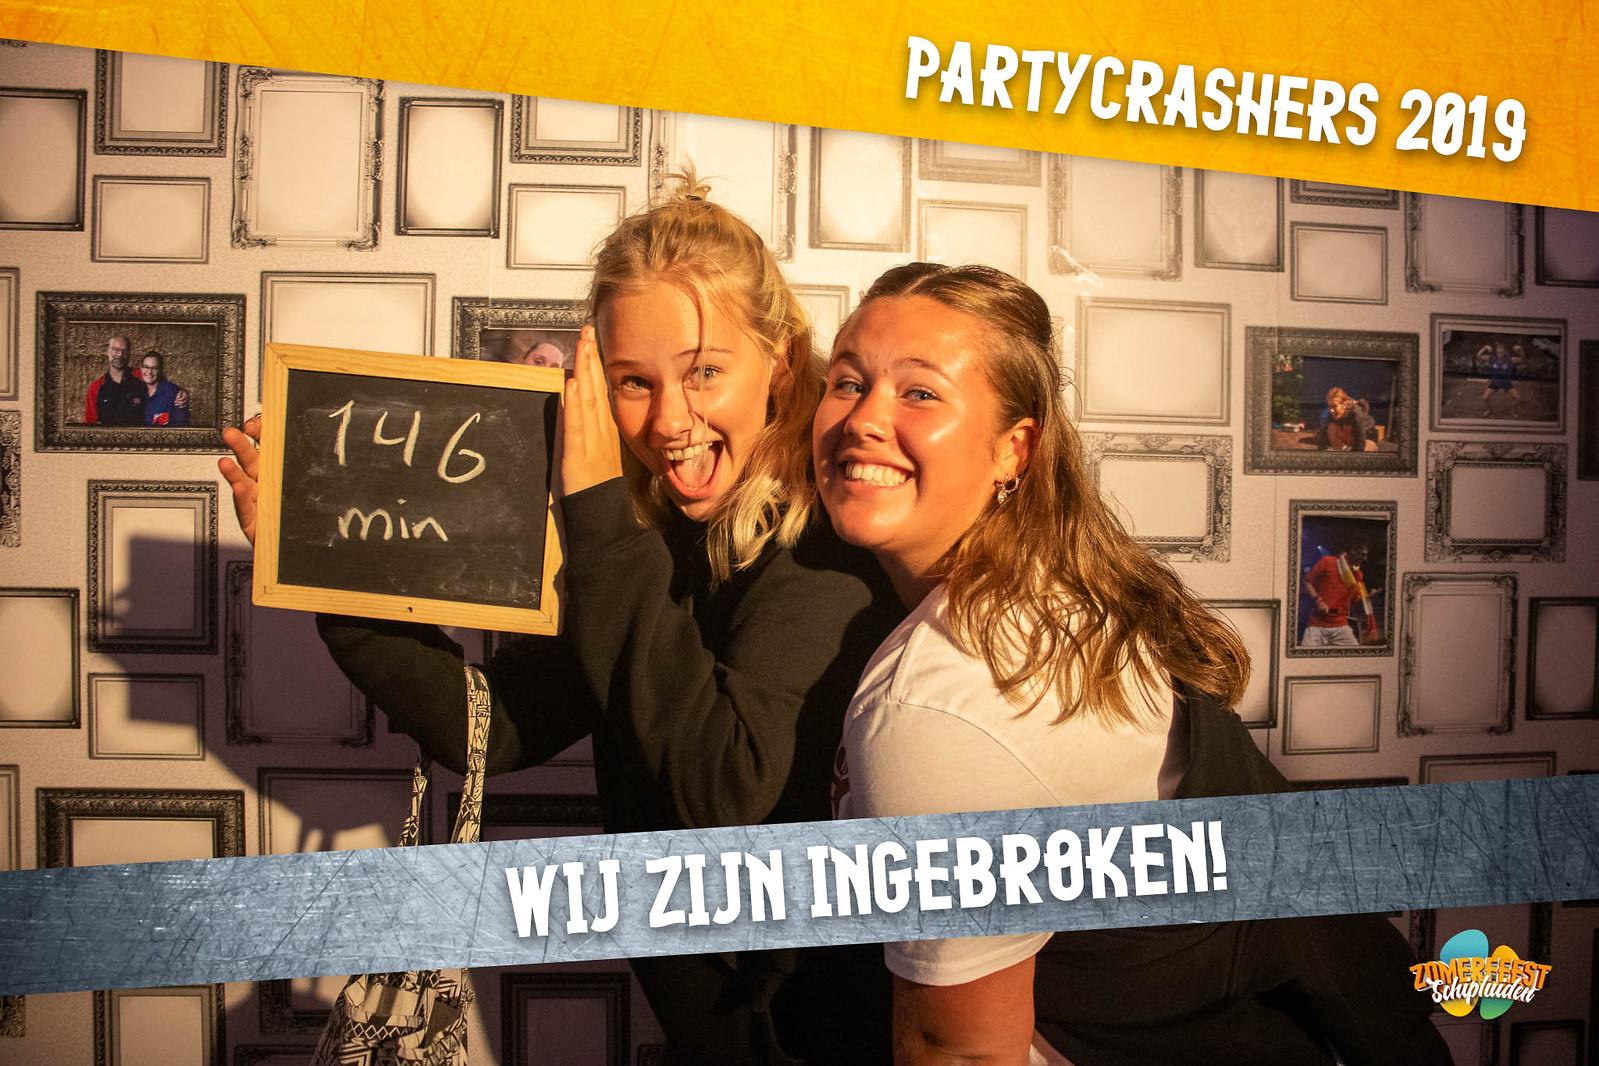 partycrashers-33_0002_Oranje copy 10